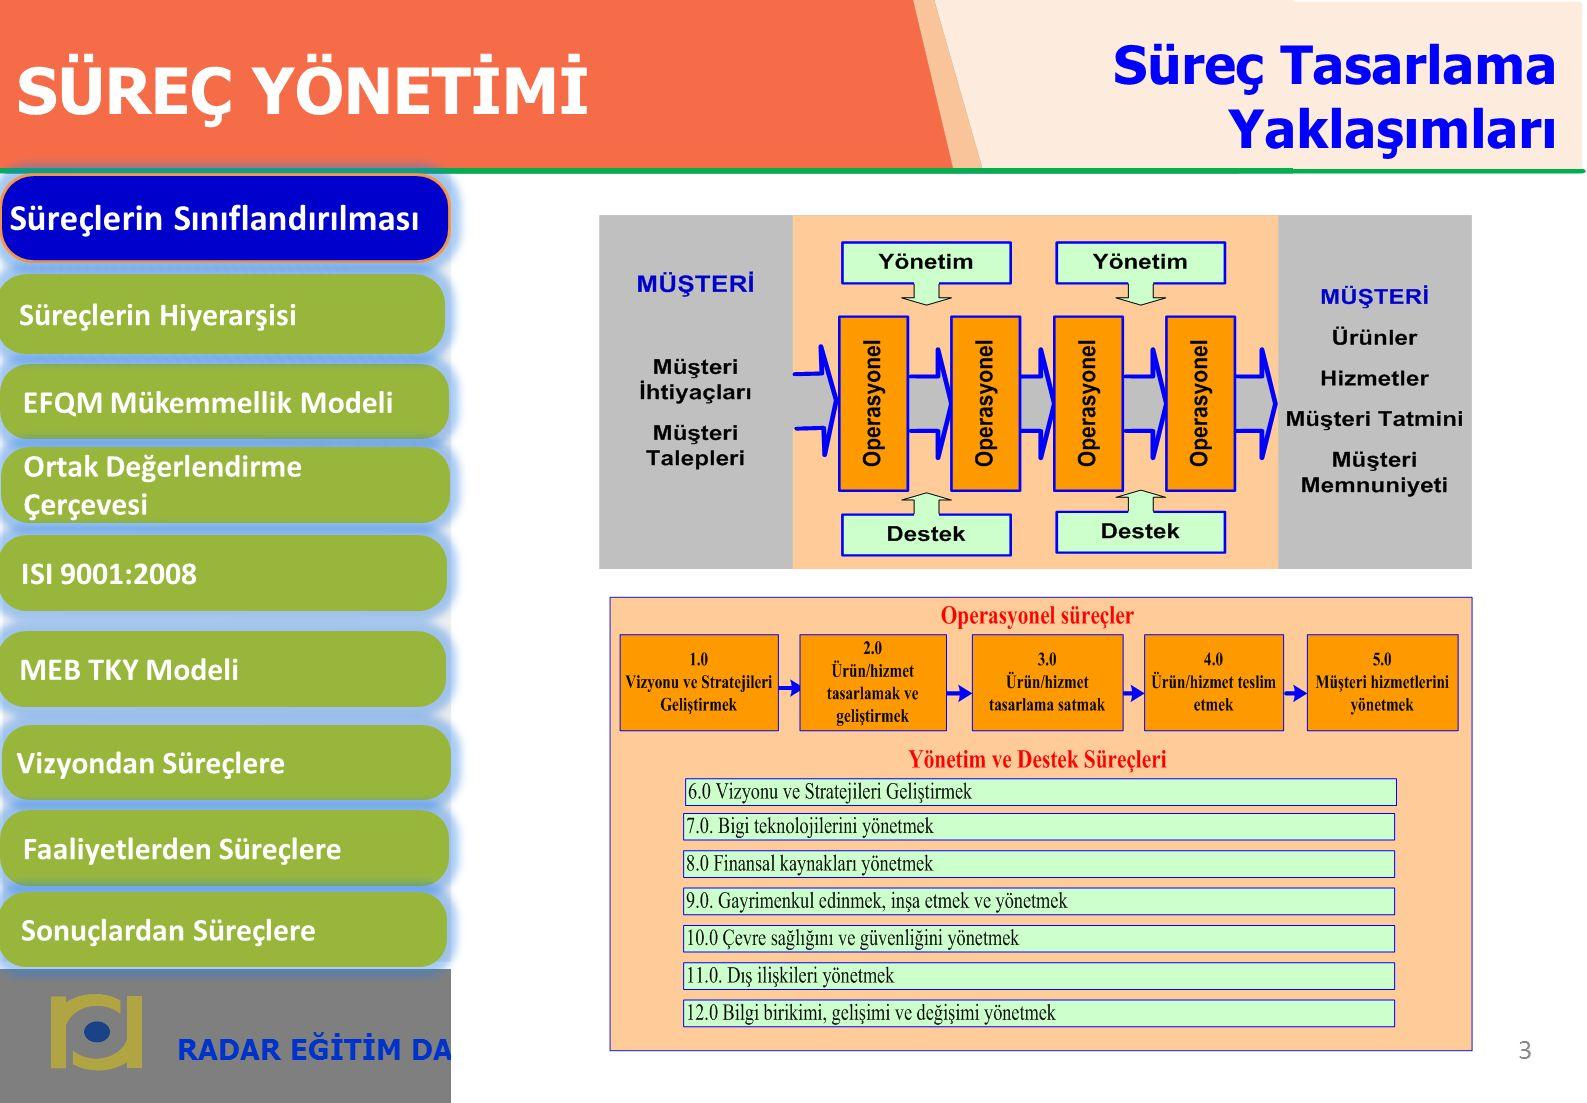 RADAR EĞİTİM DANIŞMANLIK 14 radardanismanlik.com.tr SÜREÇ YÖNETİMİ EFQM Mükemmellik Modeli Ortak Değerlendirme Çerçevesi ISI 9001:2008 MEB TKY Modeli Vizyondan Süreçlere Faaliyetlerden Süreçlere Sonuçlardan Süreçlere Süreçlerin Sınıflandırılması Süreçlerin Hiyerarşisi Süreç Tasarlama Yaklaşımları